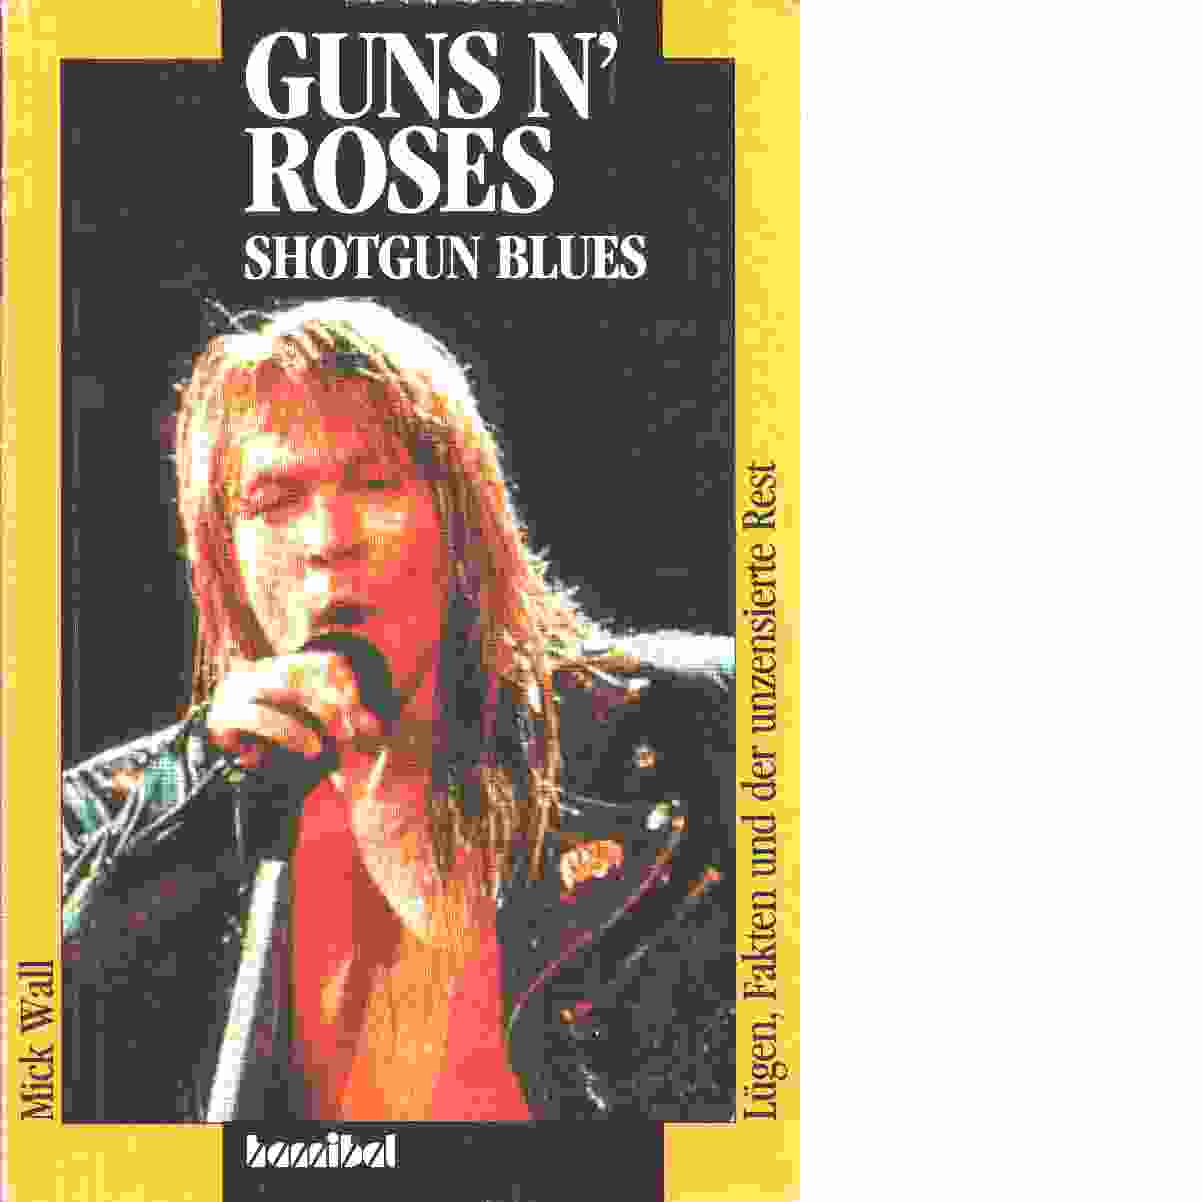 Guns n' roses shotgun blues - lügen, fakten und der unzensierte rest - Wall, Mick